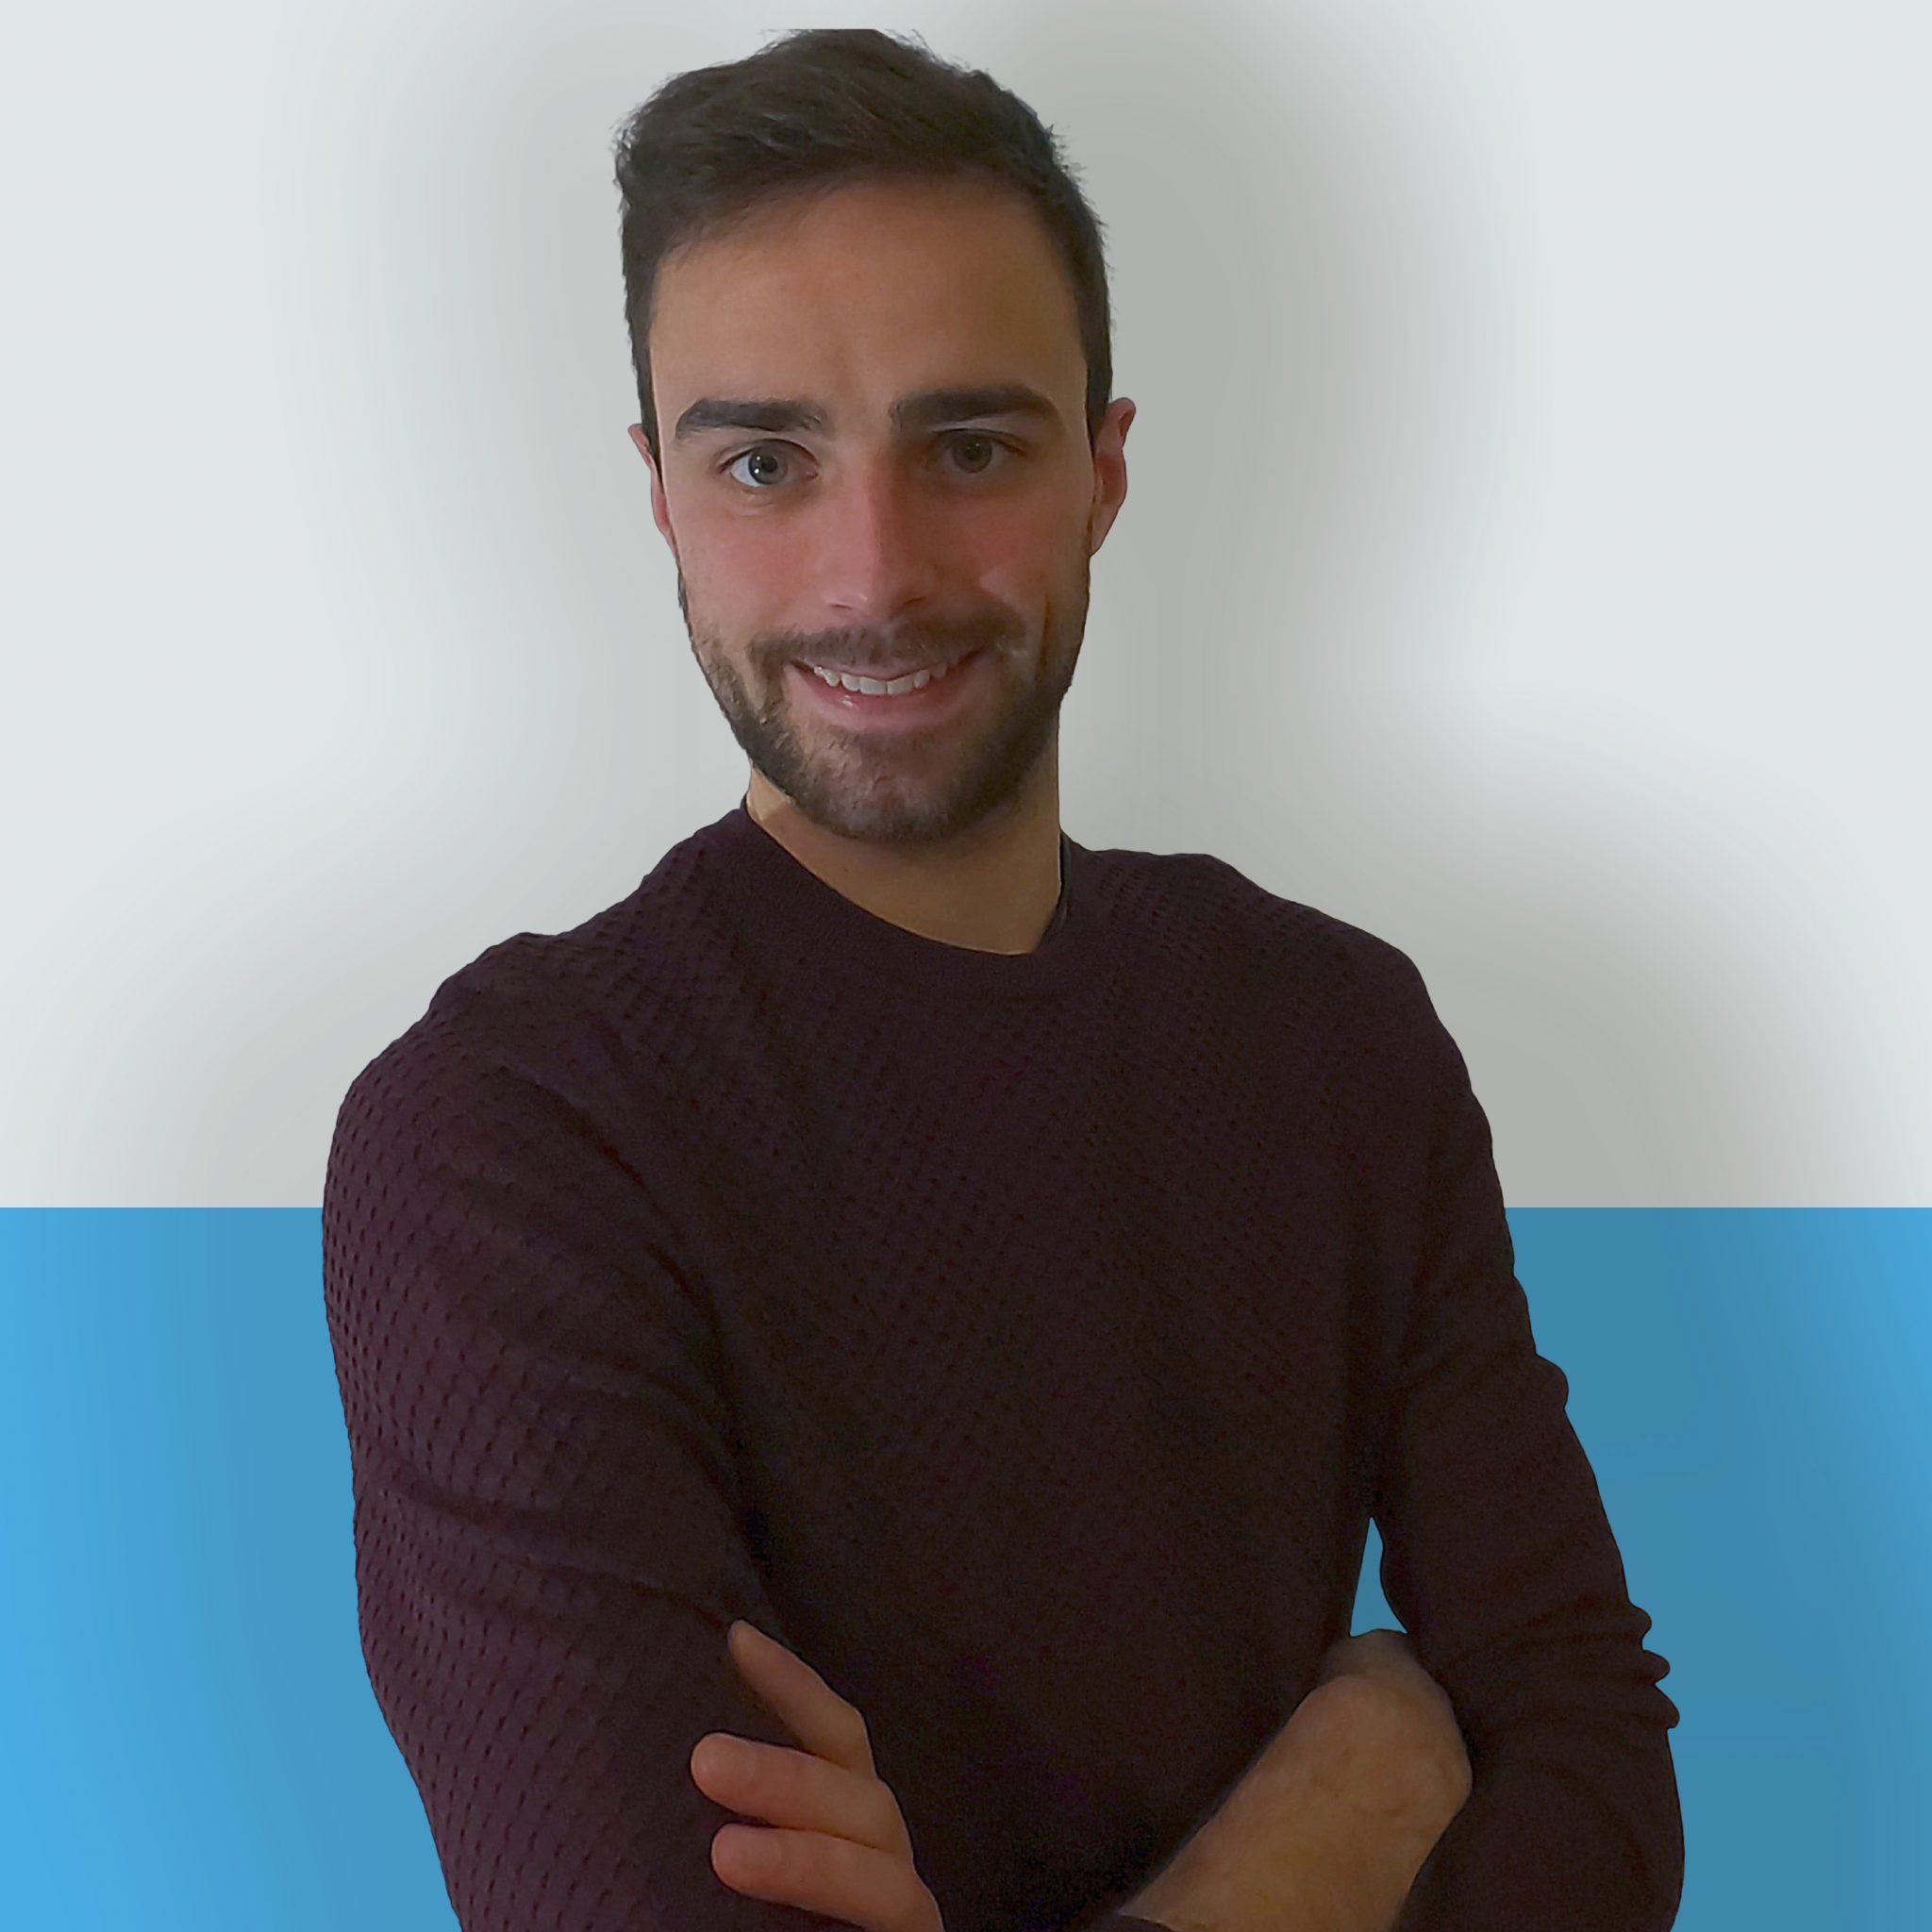 Dott. Daniele Sacchi